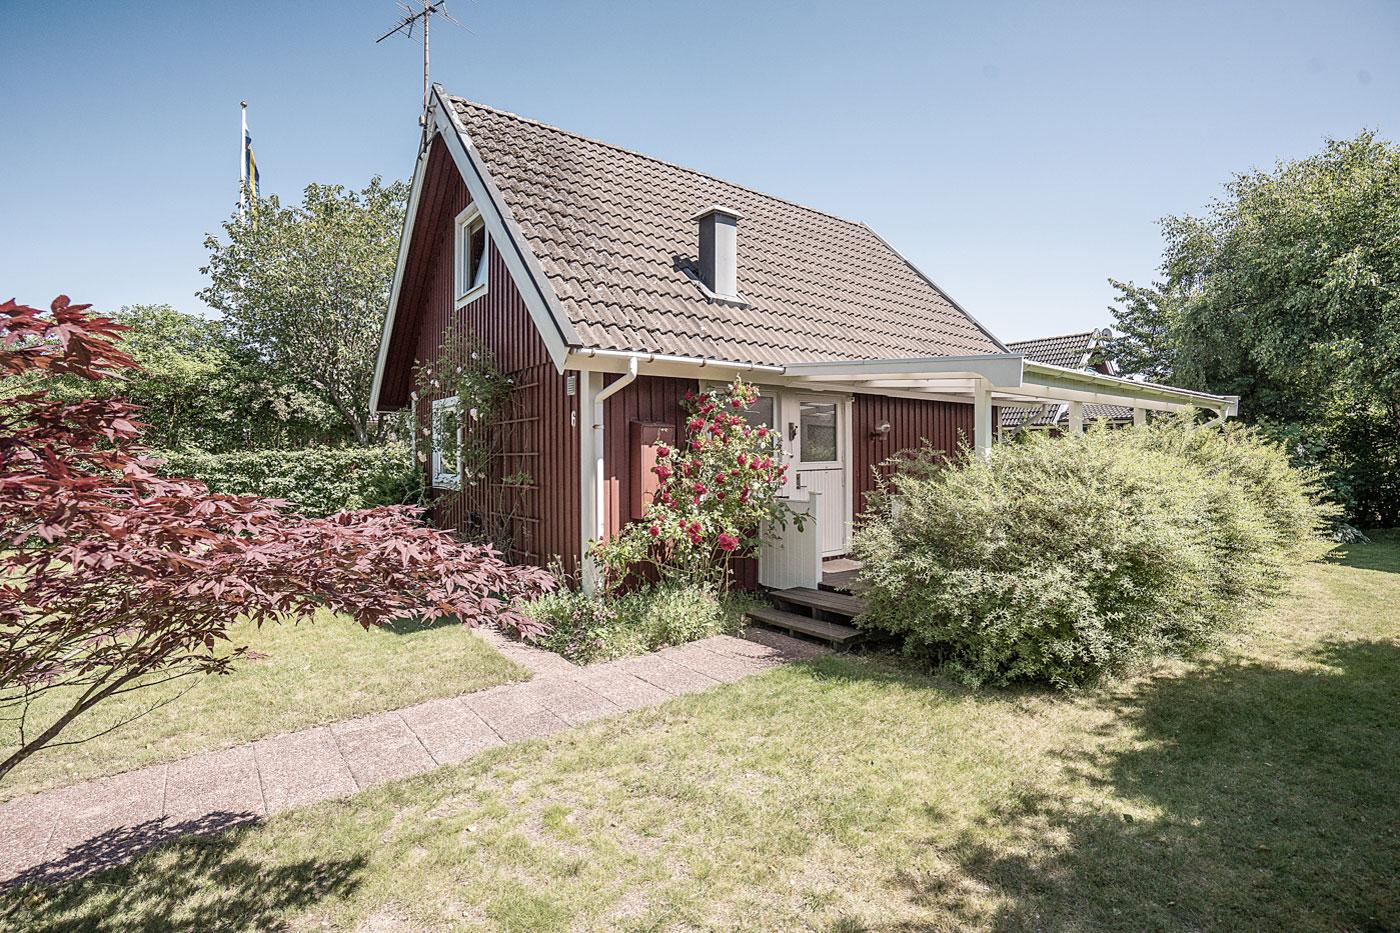 Röd stuga med vita knutar, veranda